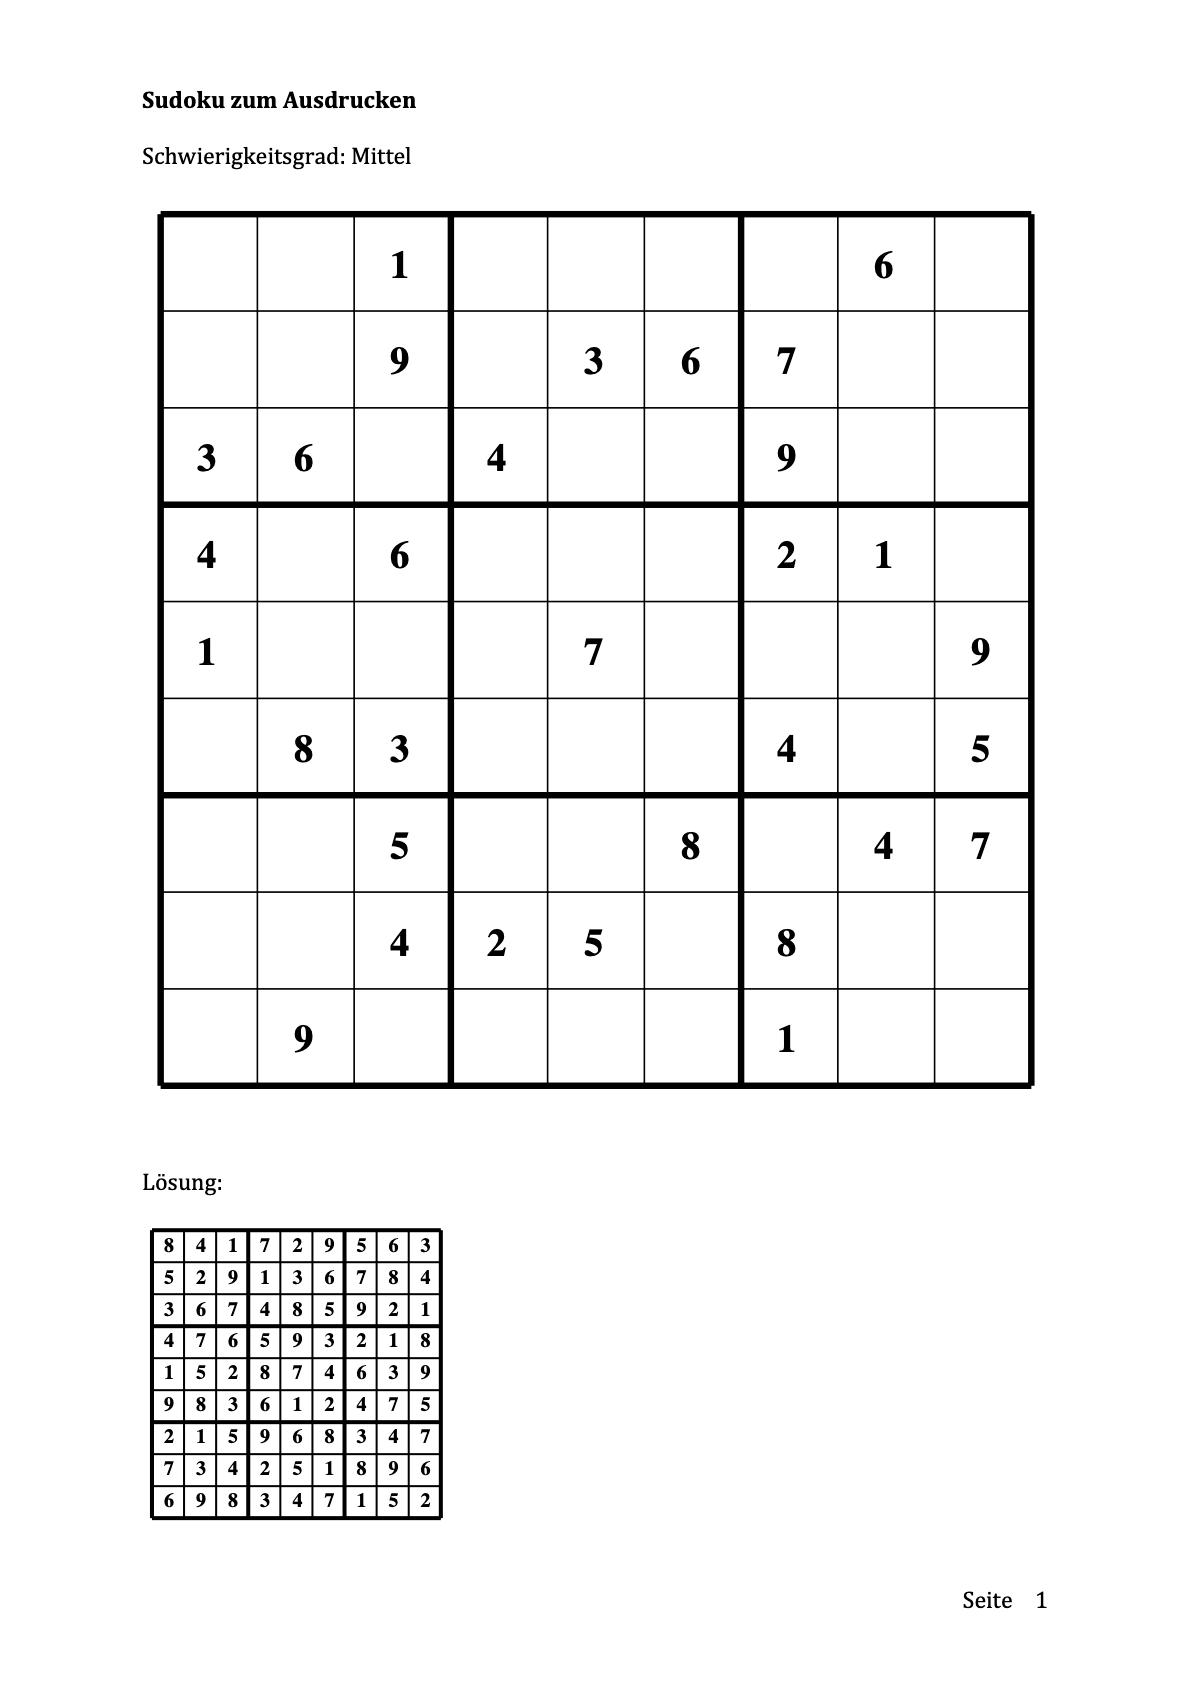 Sudoku - Schwierigkeit mittel